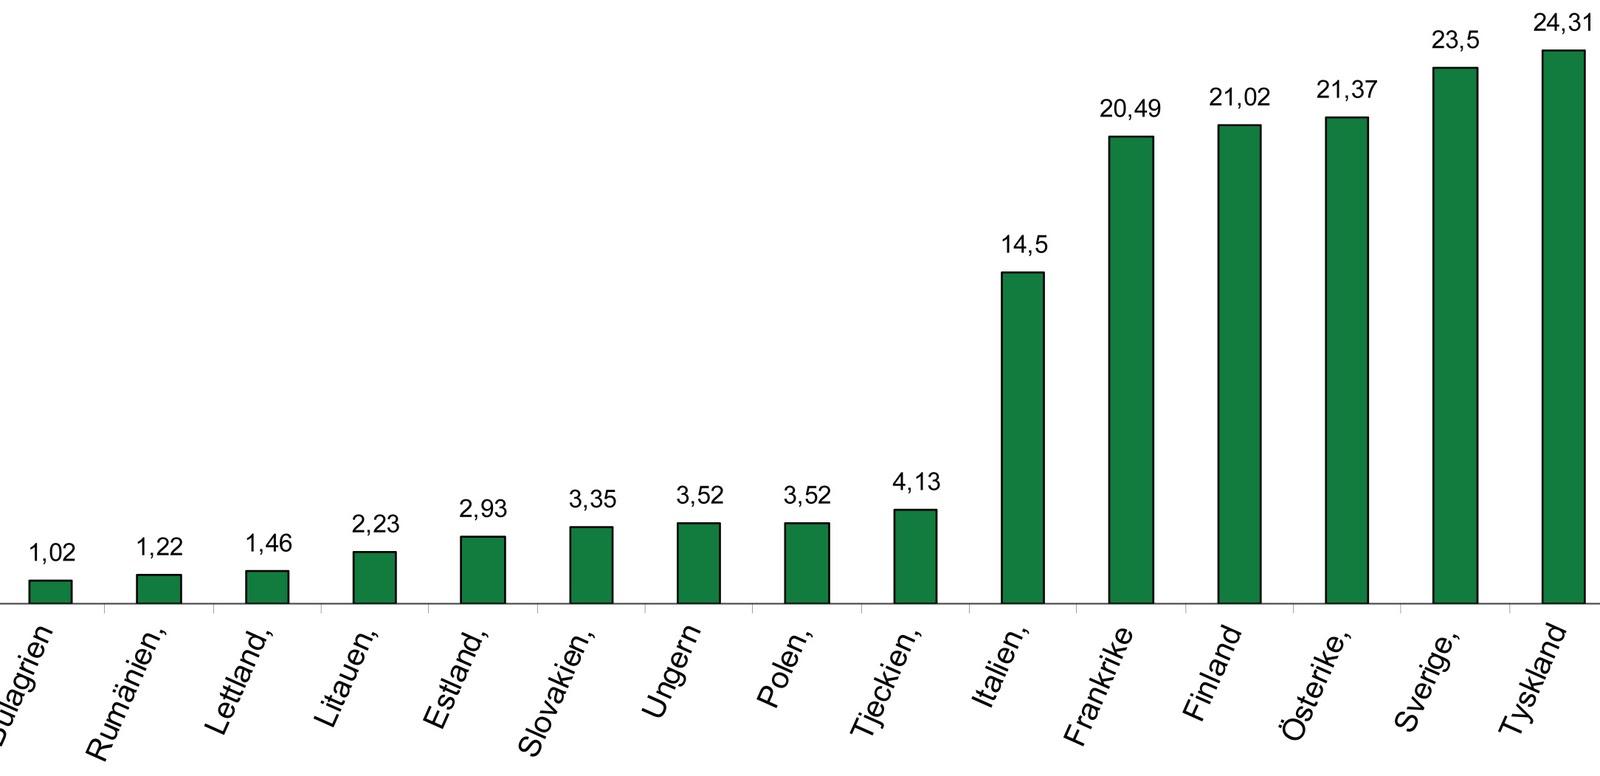 Lönekostnader i olika länder